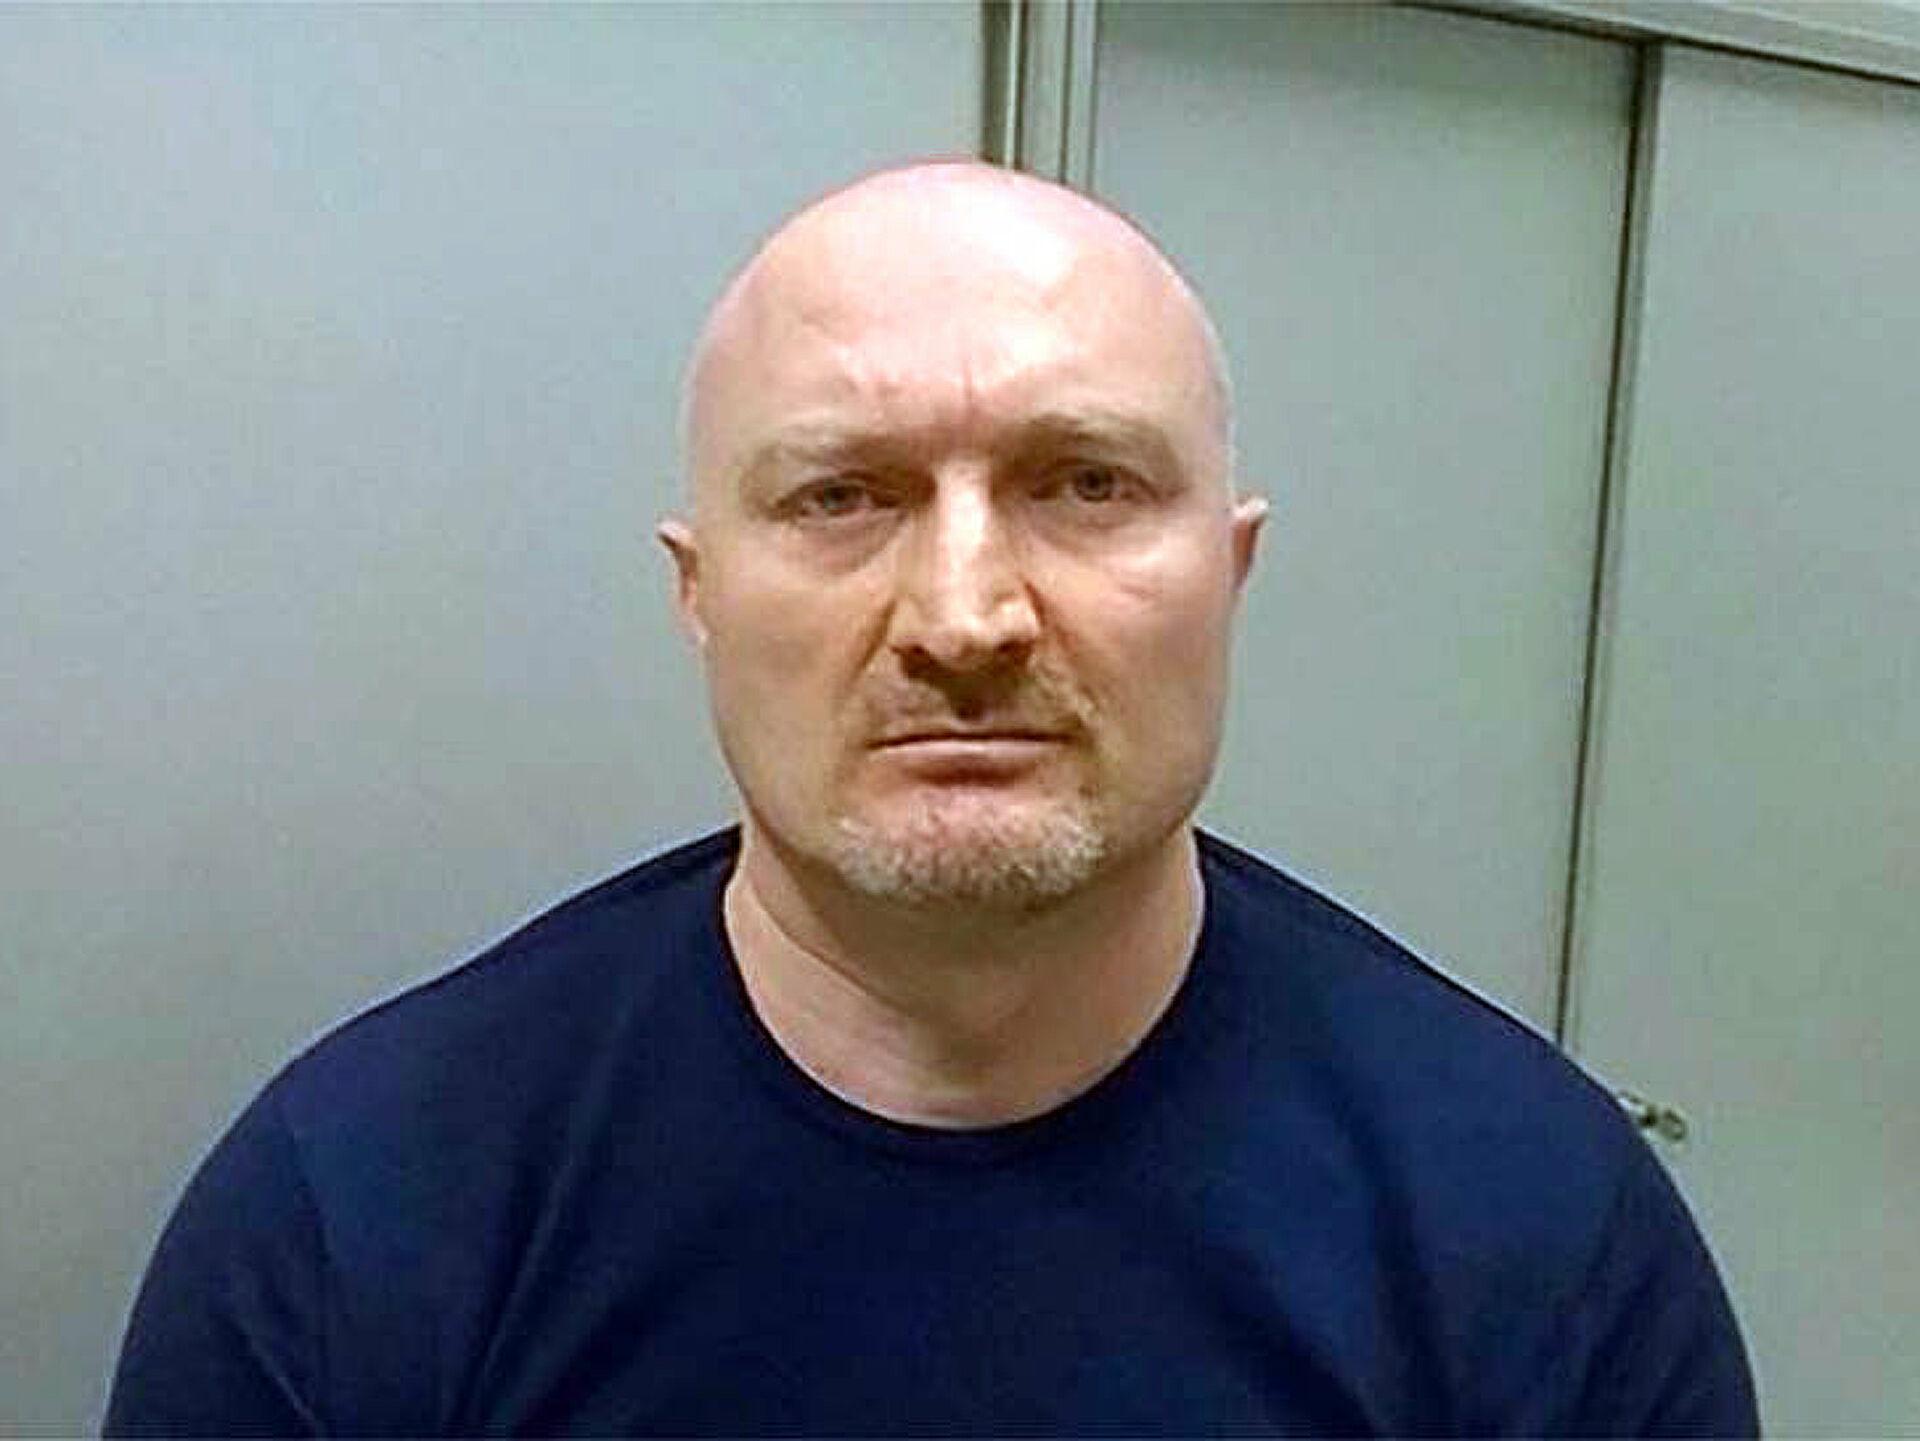 Верховный суд 7 июня решит, какой суд будет слушать дело Гагиева